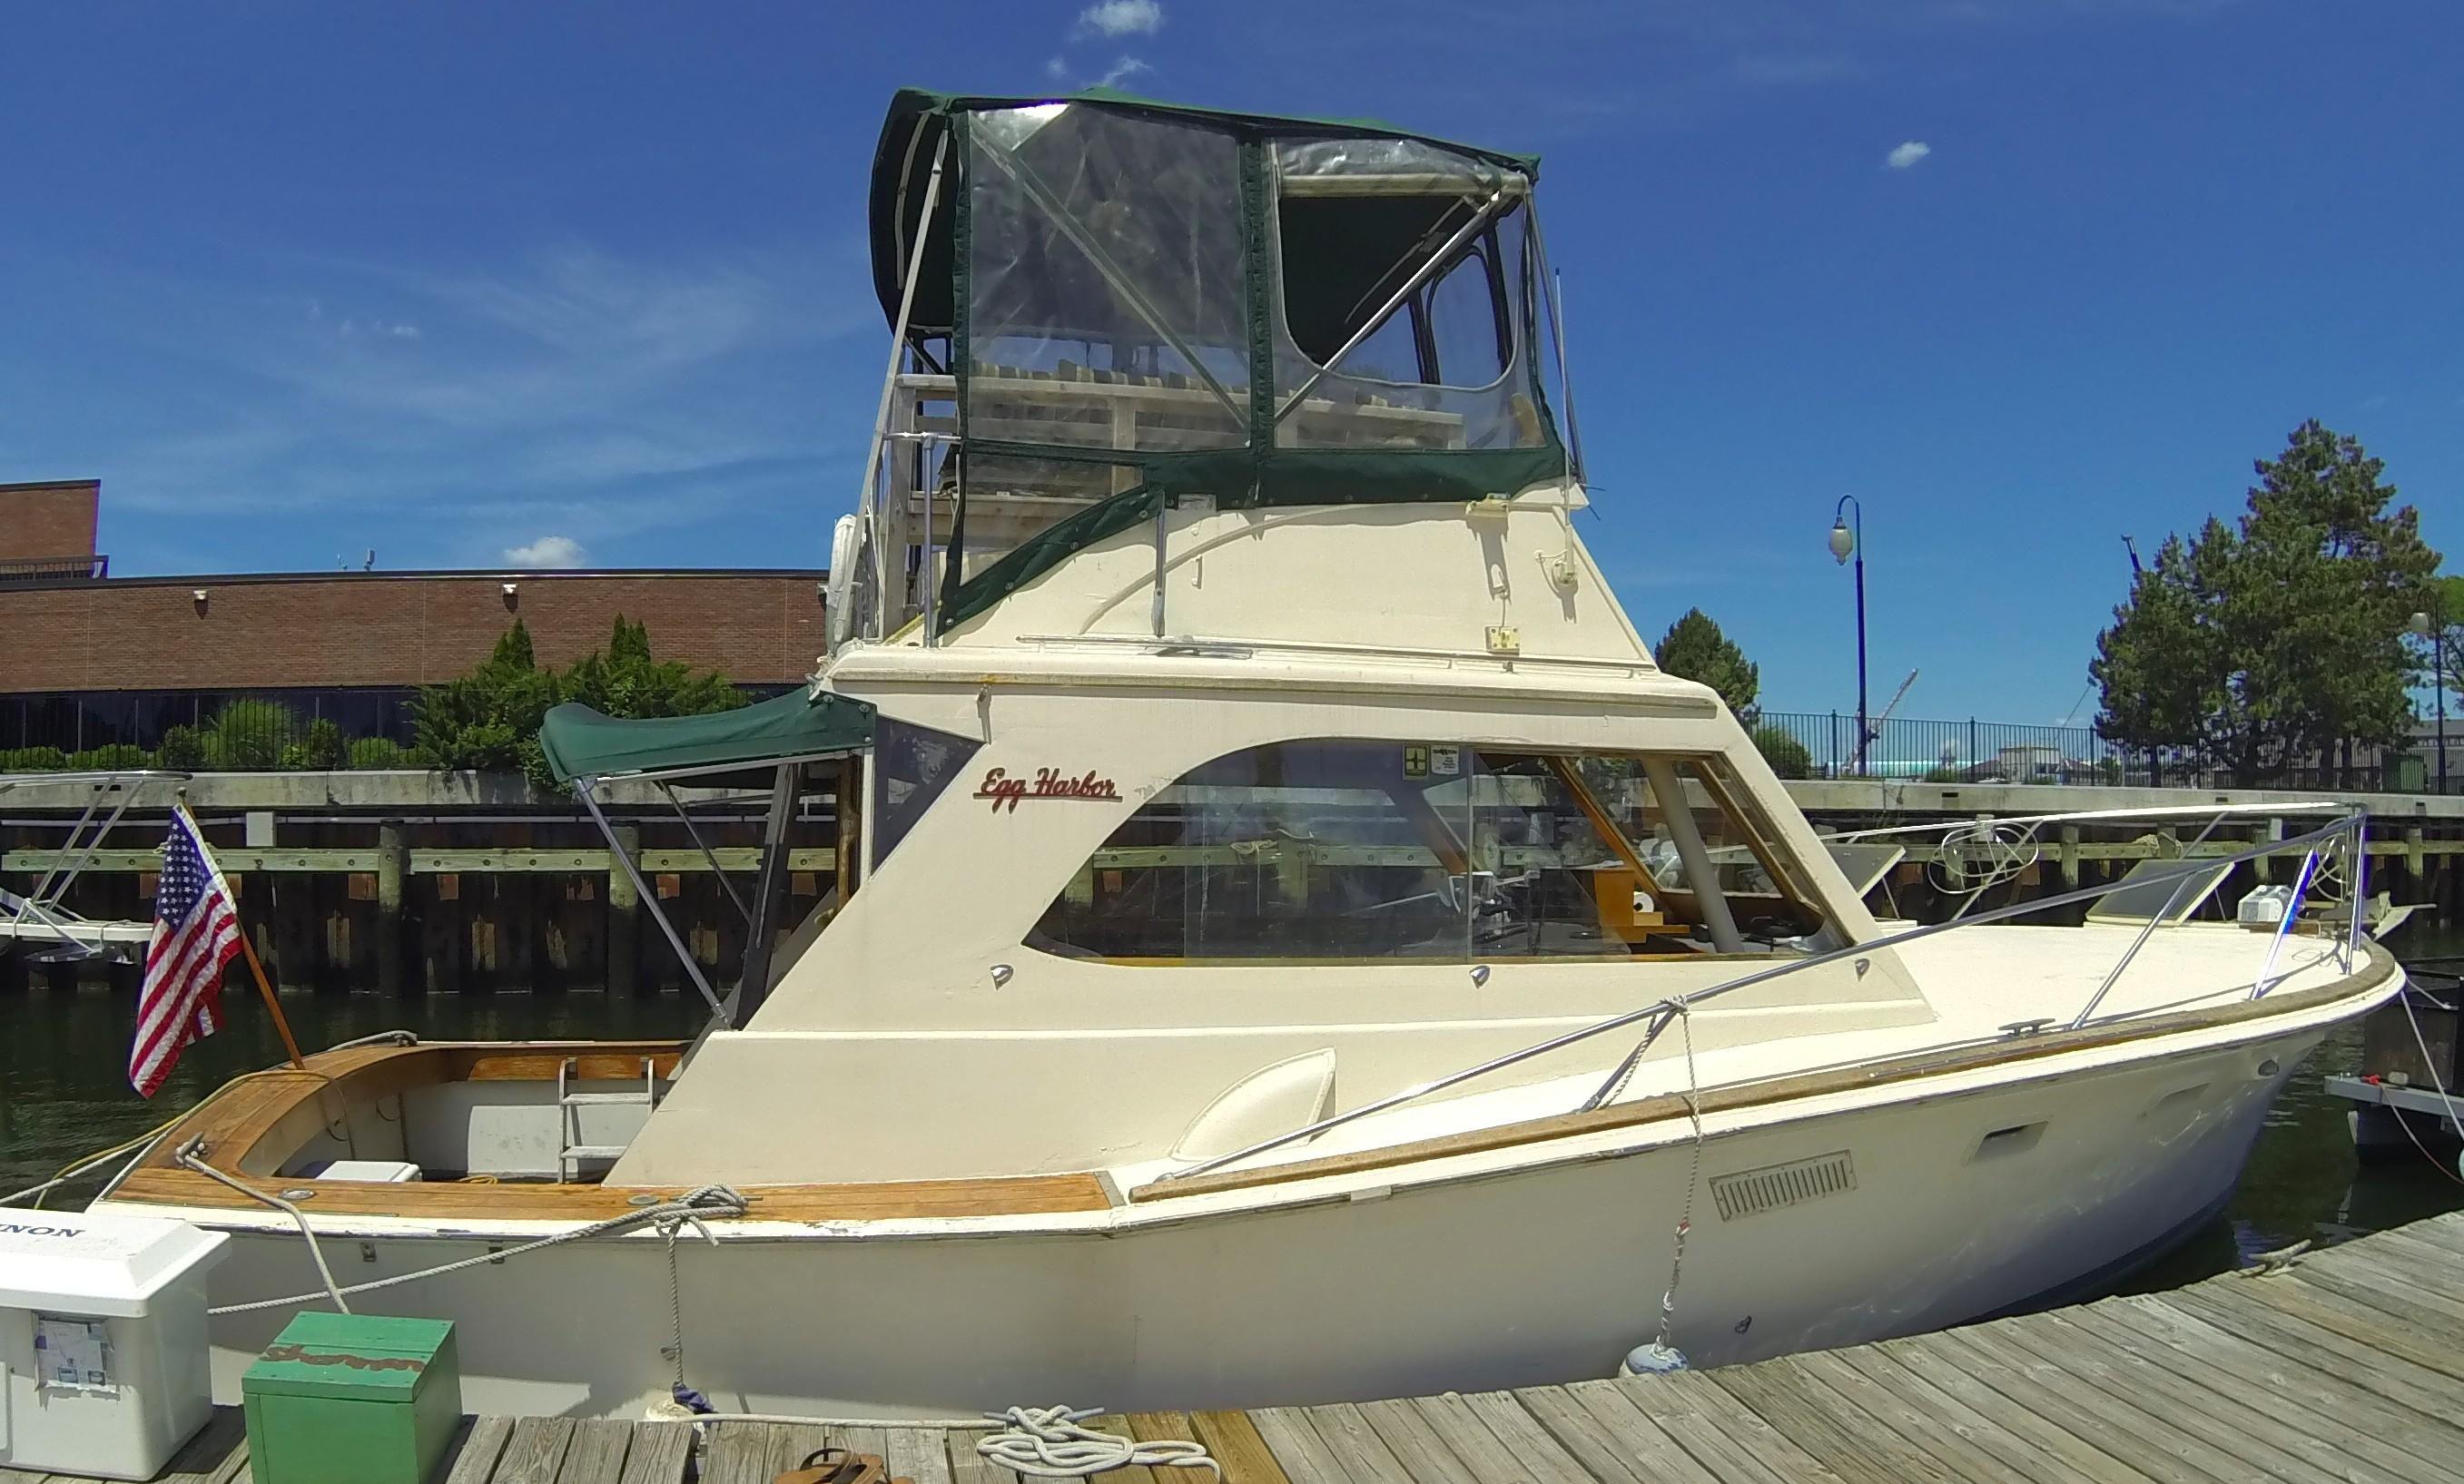 1973 Egg Harbor 33 Sedan Power Boat For Sale Www